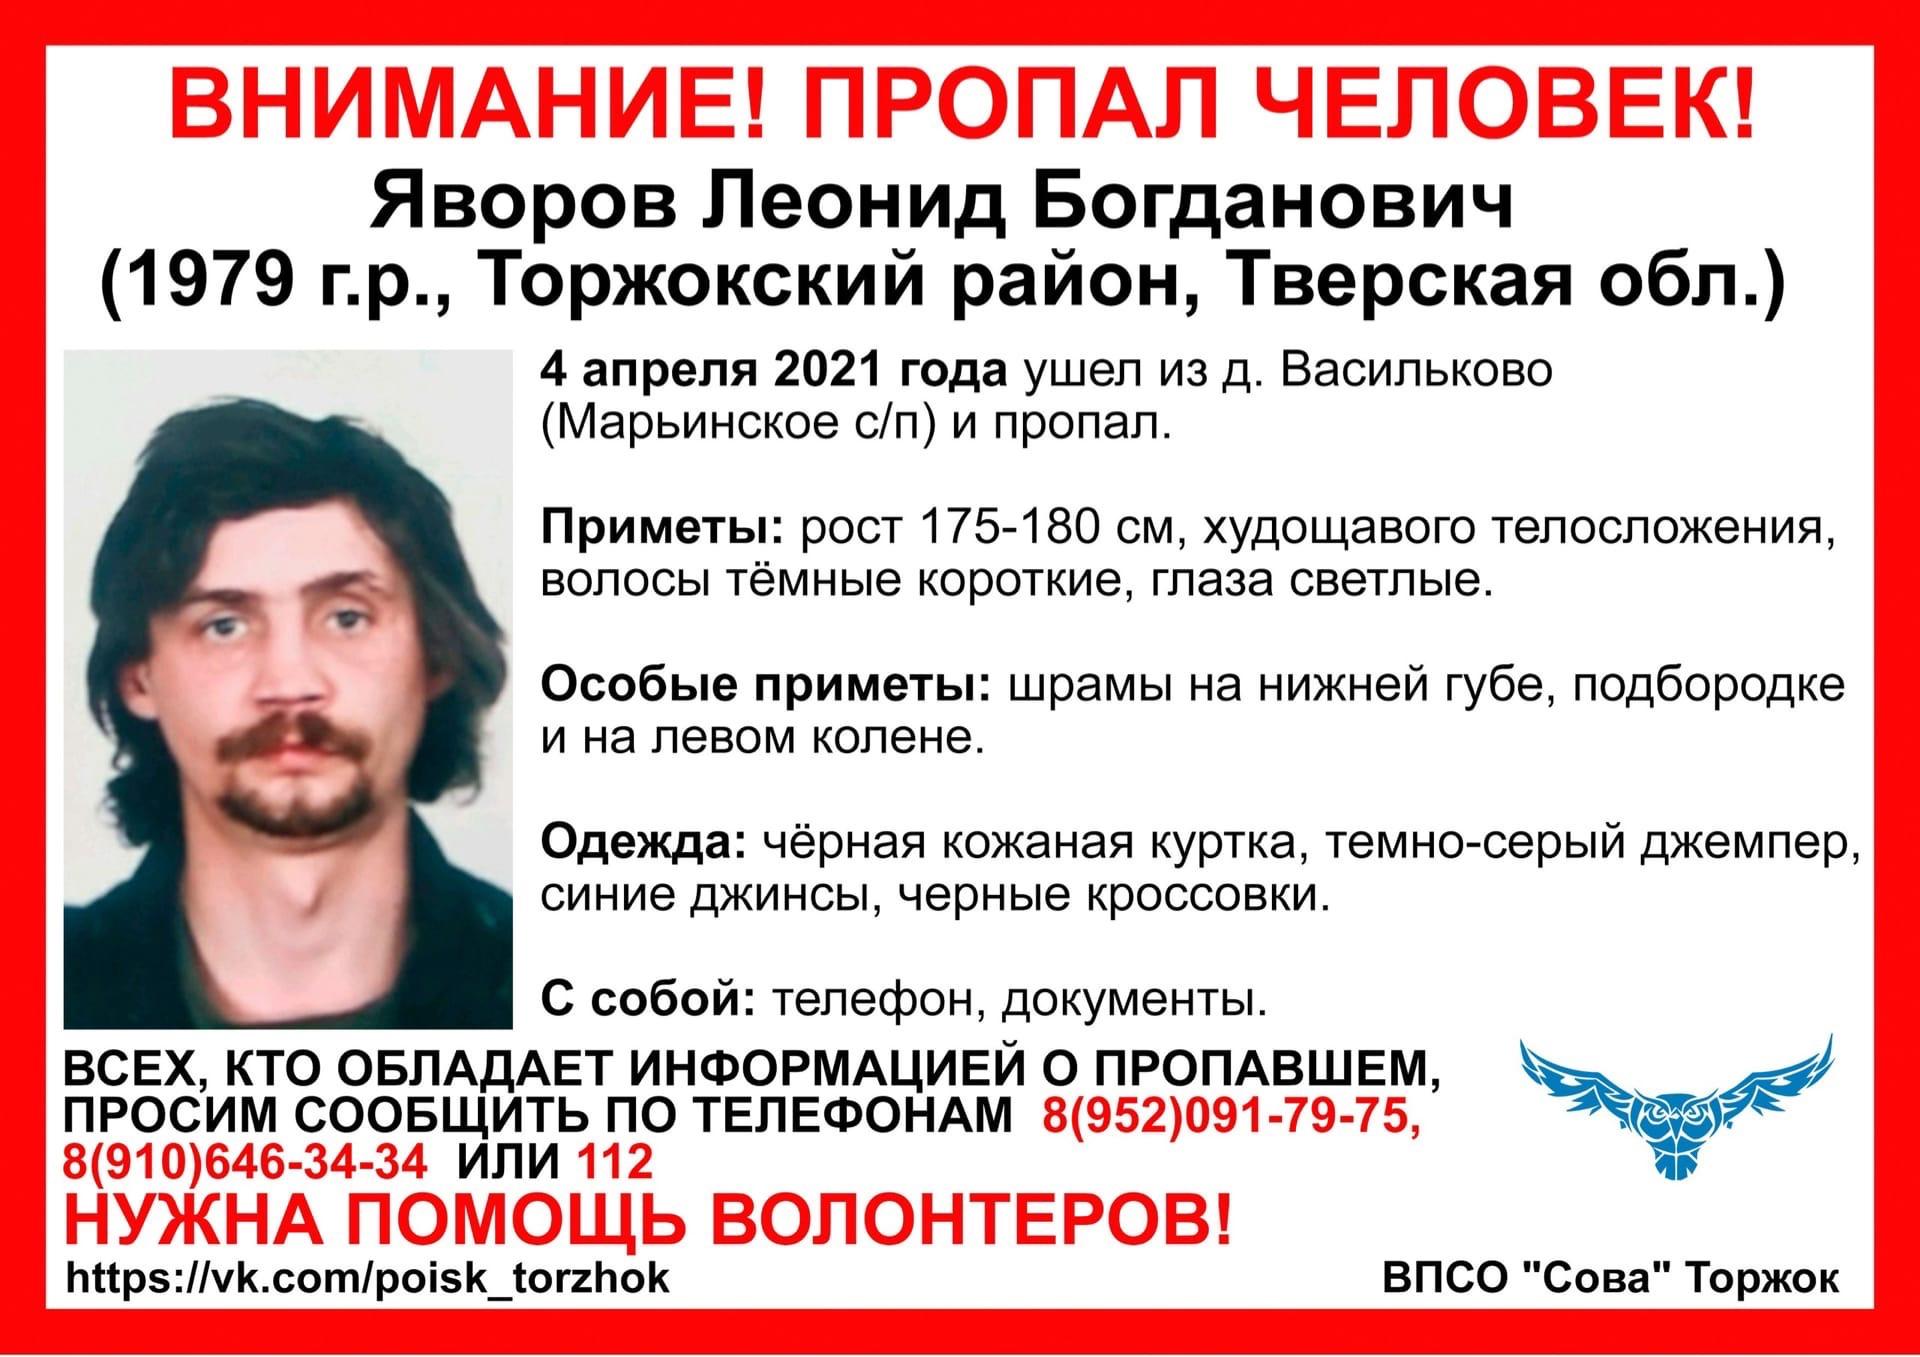 В Тверской области пропал высокий мужчина с шрамом на лице